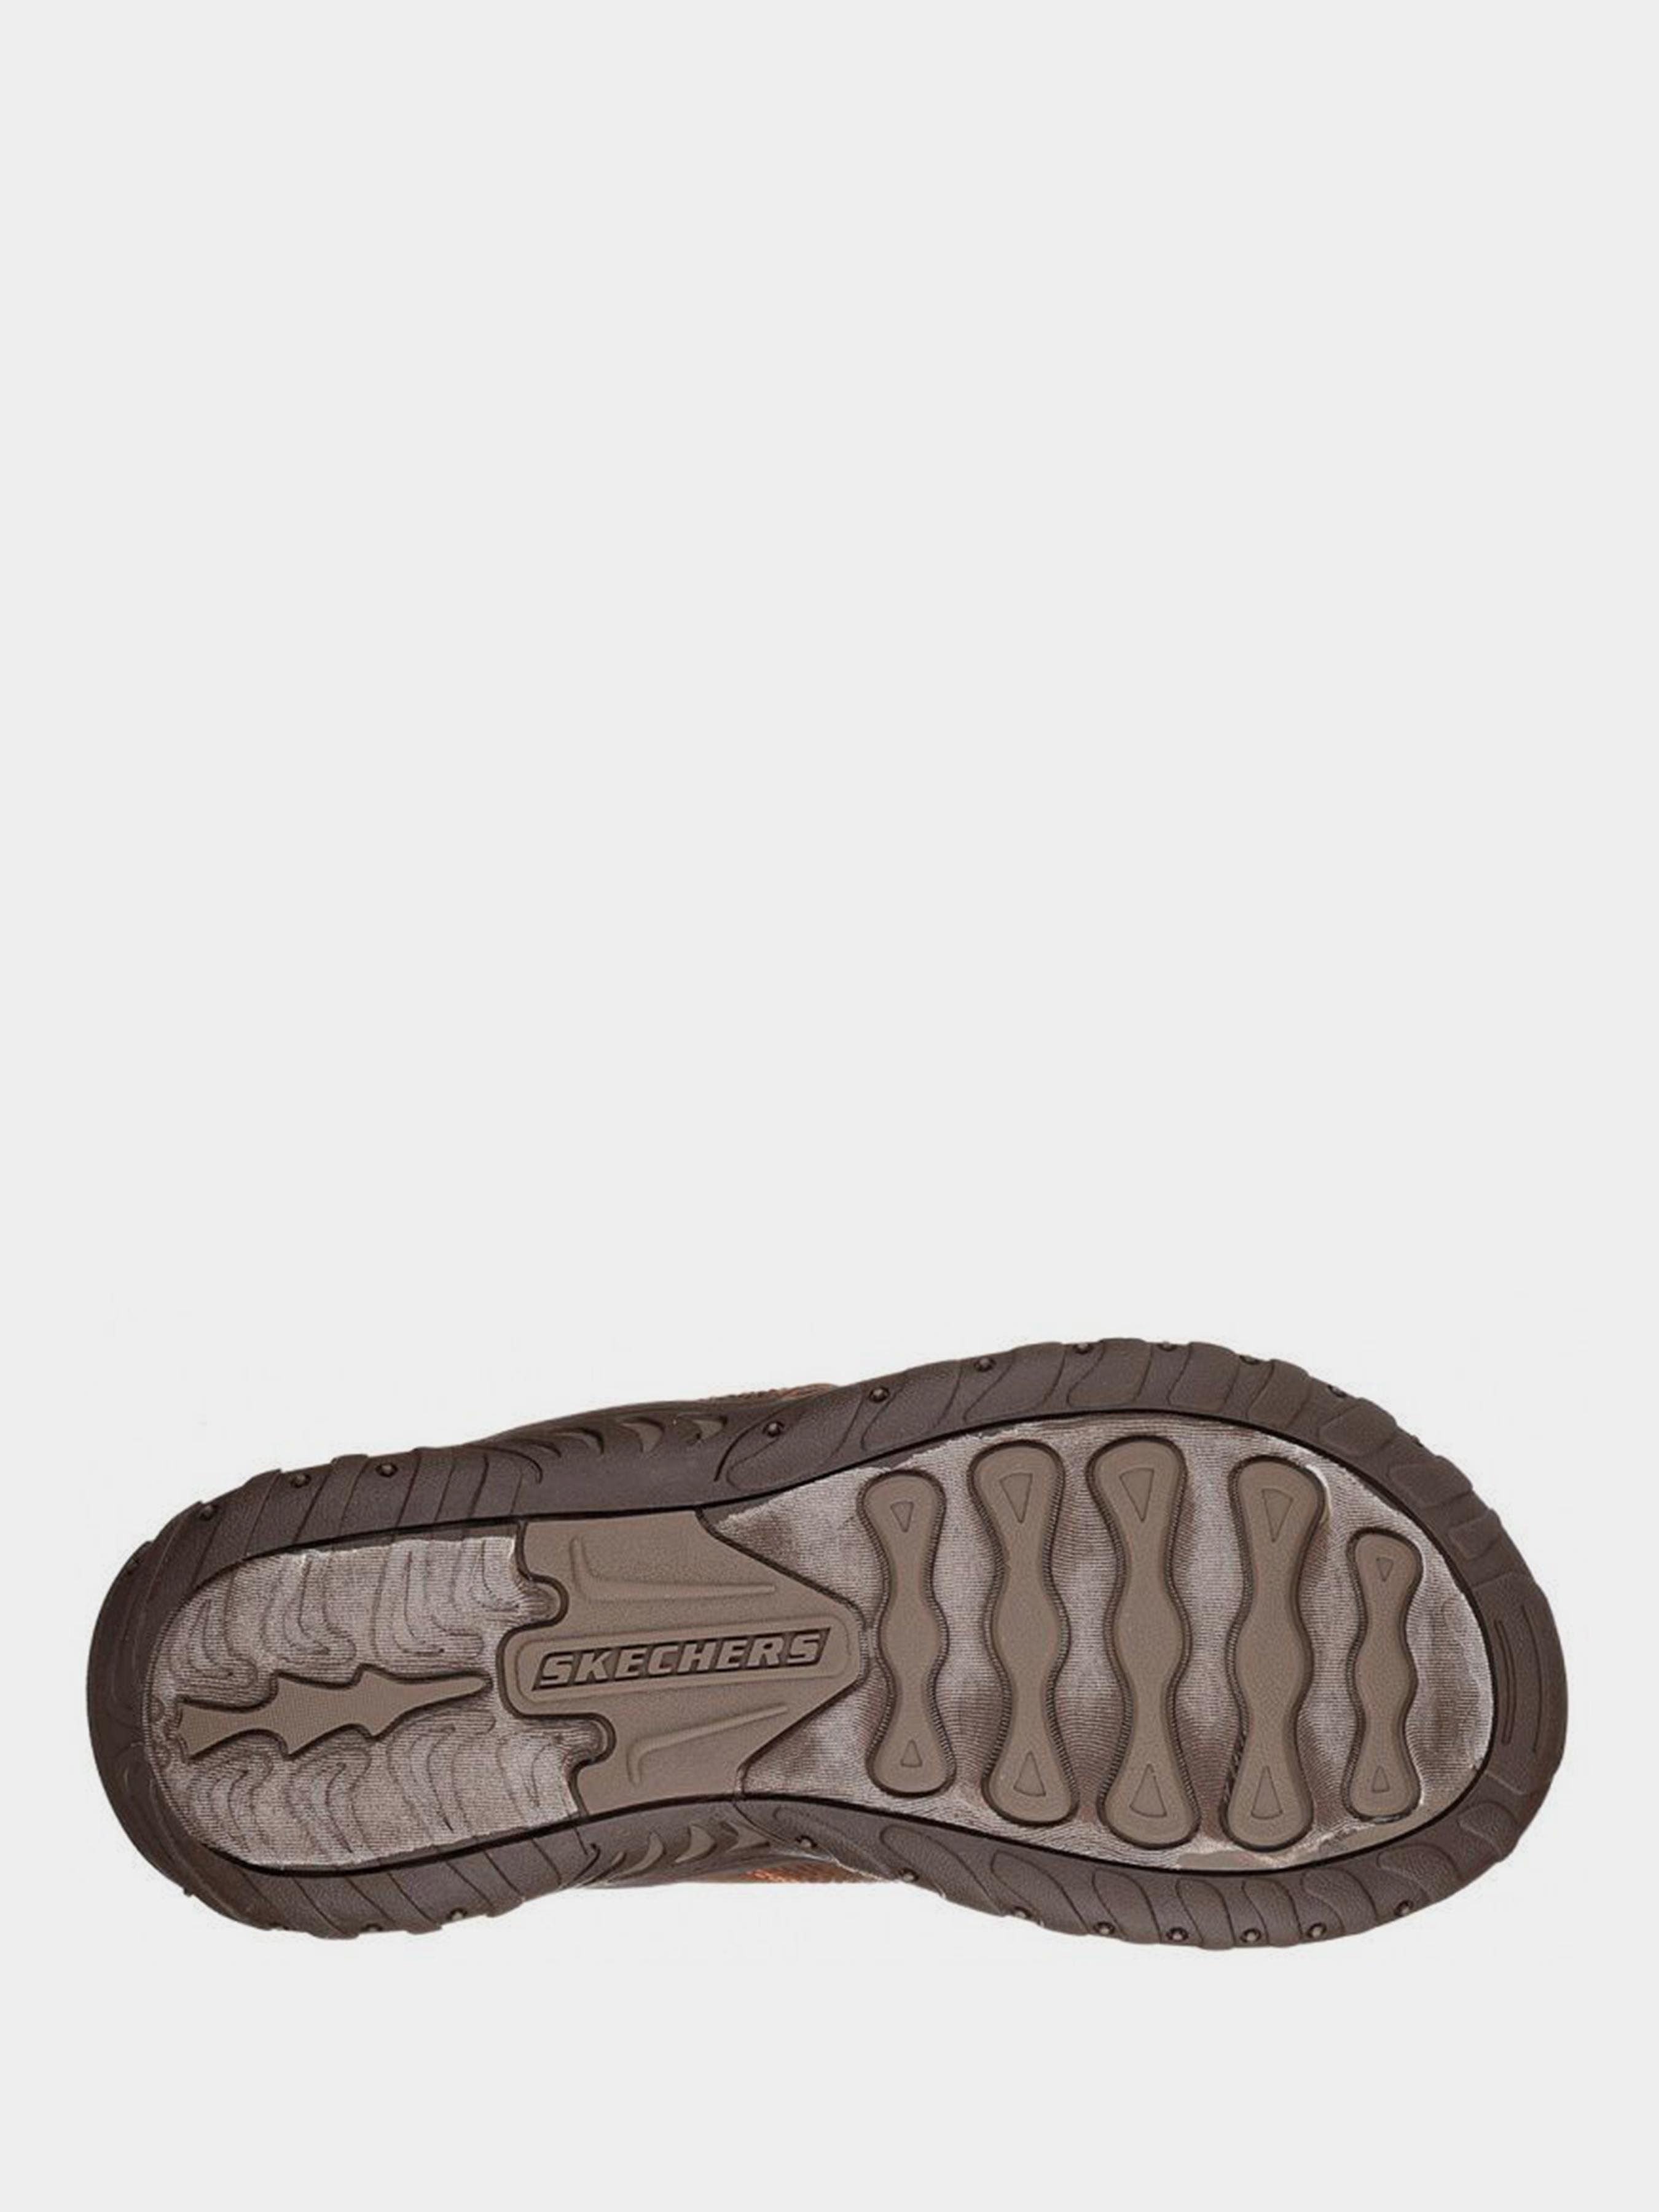 Шльопанці  для чоловіків Skechers 65460 BRN замовити, 2017